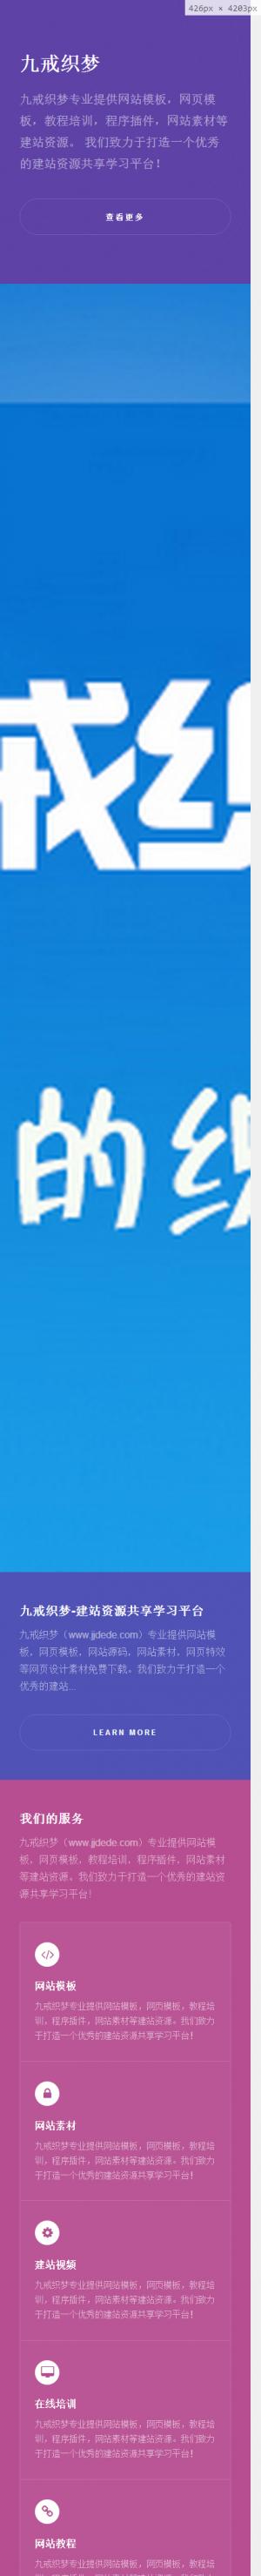 优雅炫彩侧边响应式企业展示通用织梦模板(自适应)手机端演示